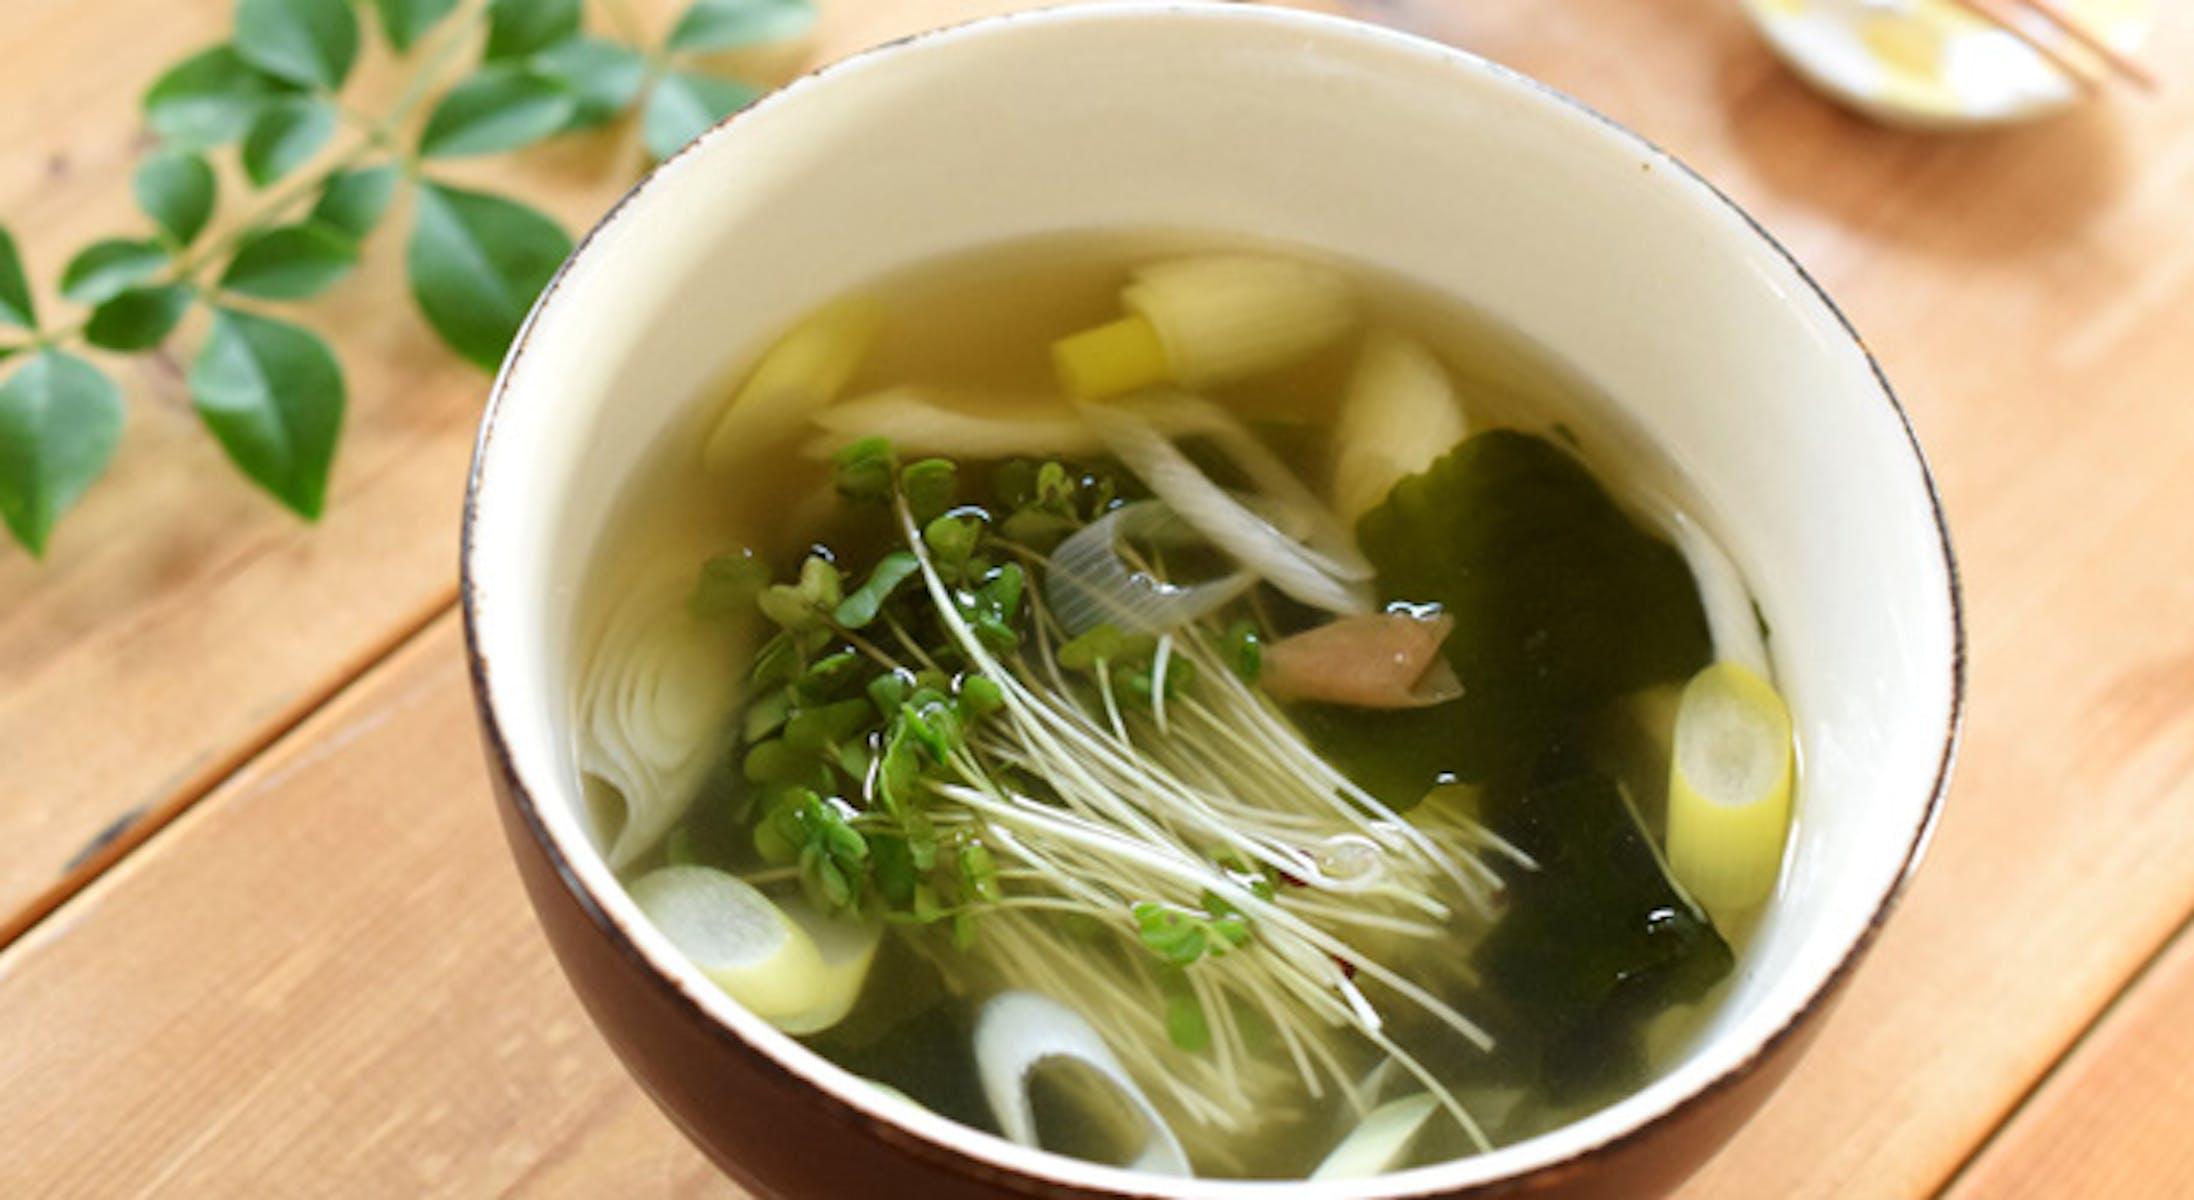 スプラウトとわかめのさっぱりスープ